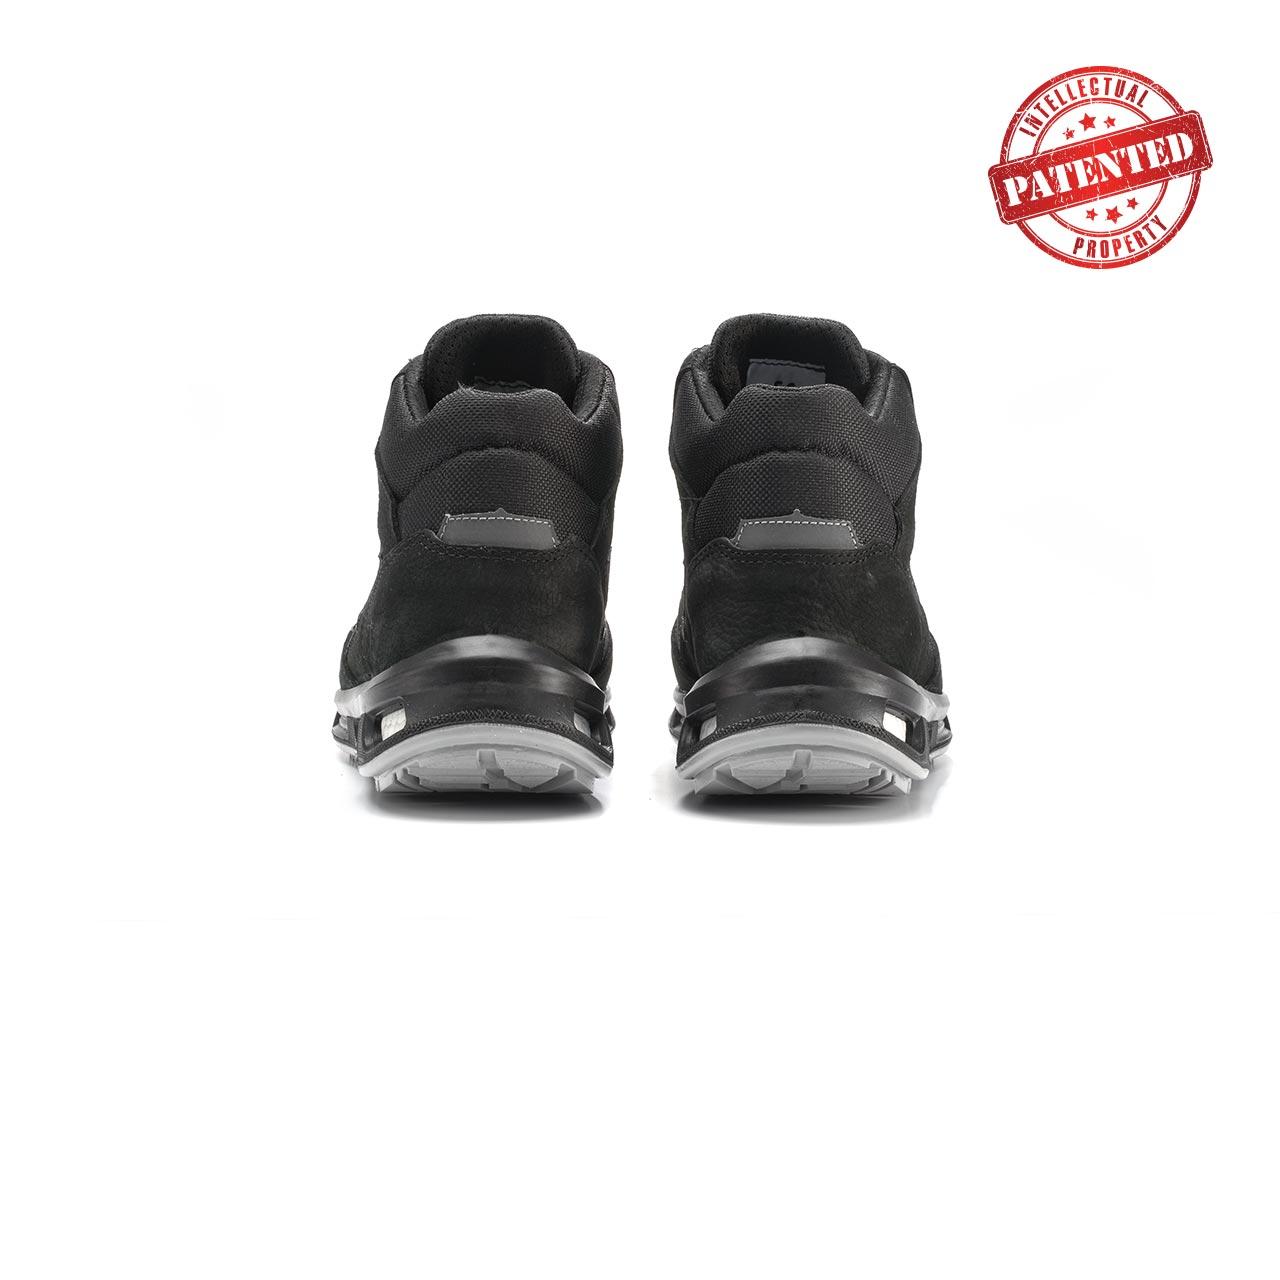 paio di scarpe antinfortunistiche alte upower modello lift linea redlion vista retro